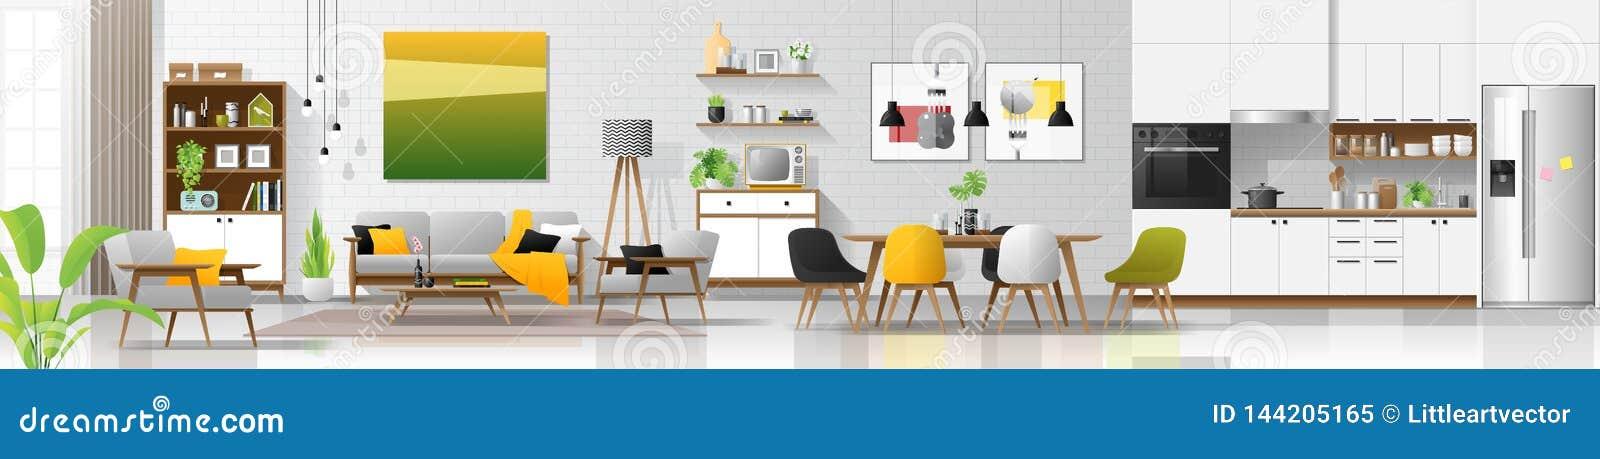 Fond intérieur de maison moderne avec le salon, la salle à manger et la combinaison de cuisine